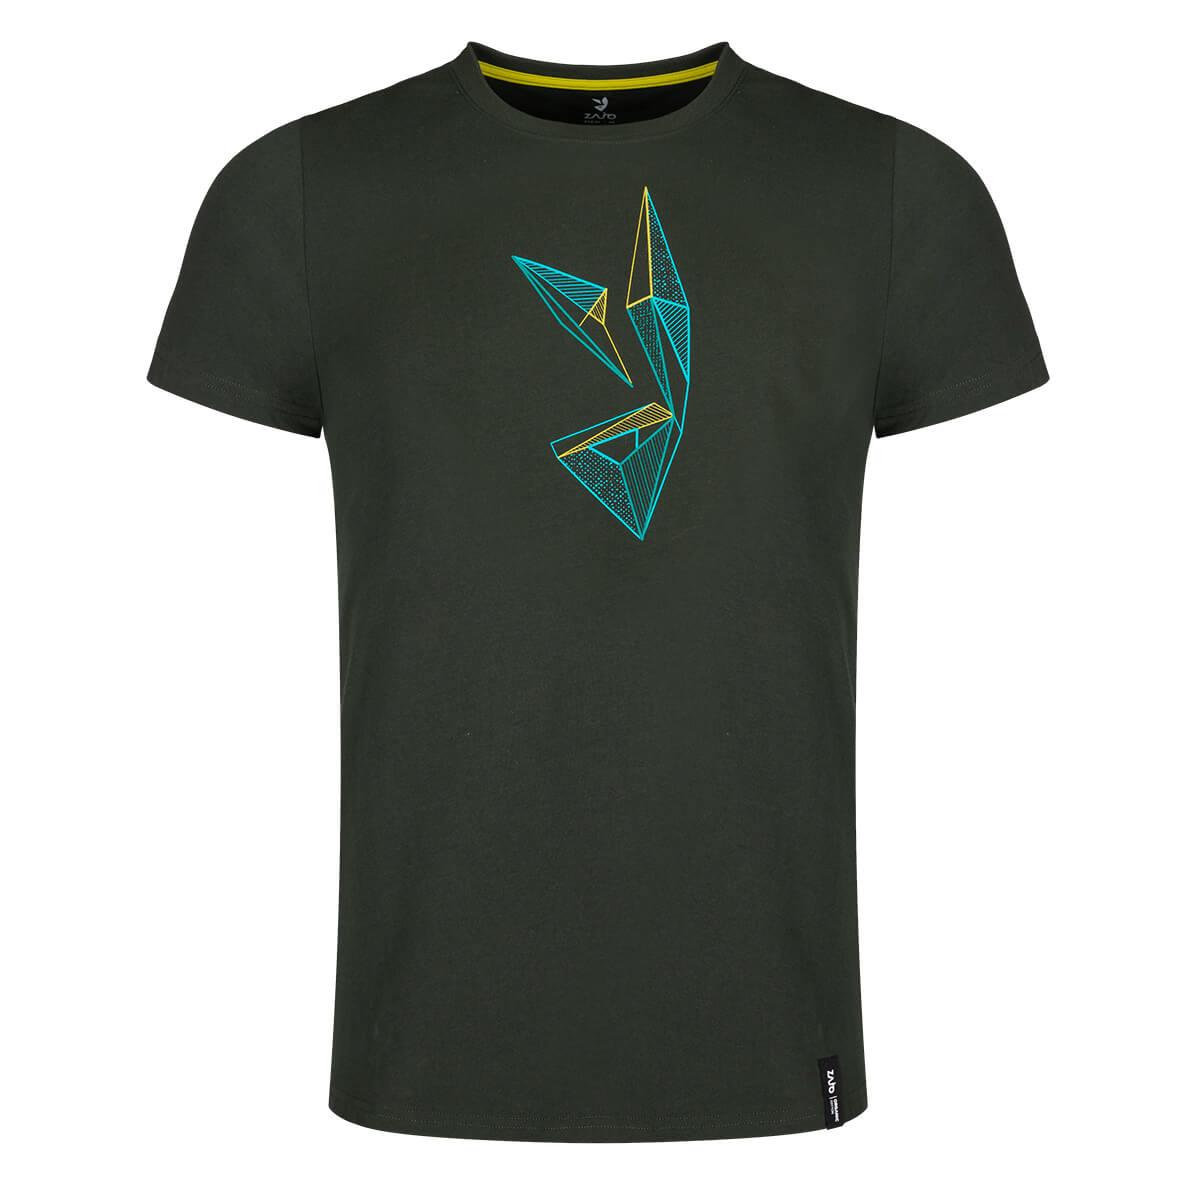 ZAJO Bormio T-Shirt SS pánske tričko Climbing Ivy Rabbit - veľkosť S